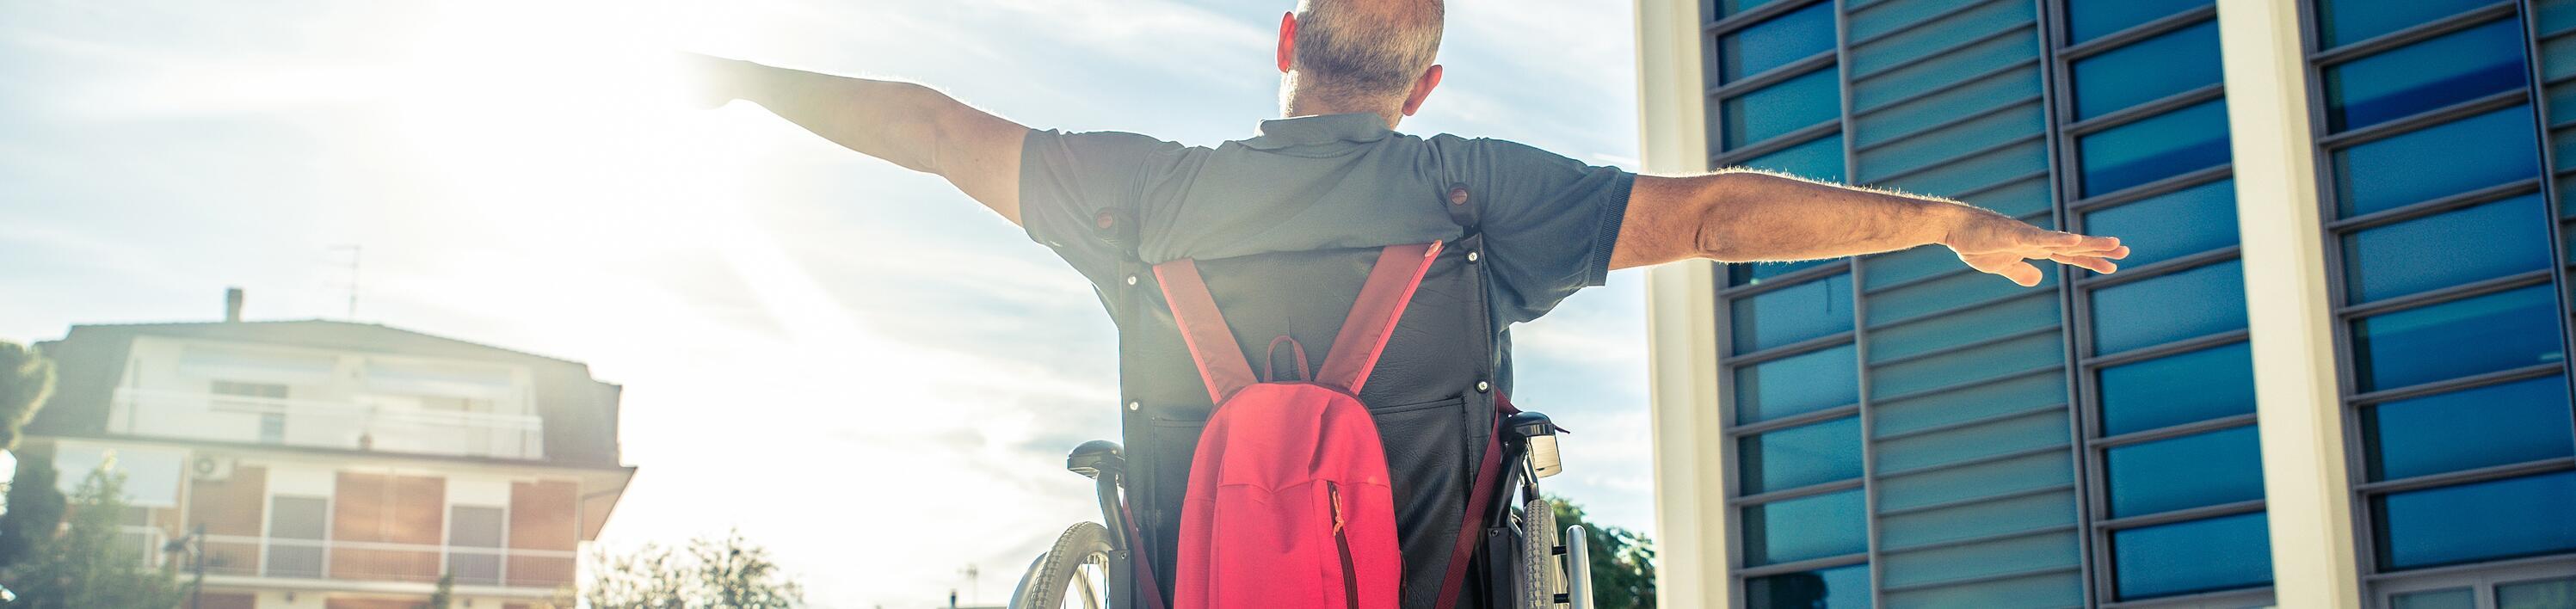 vammaspalvelut